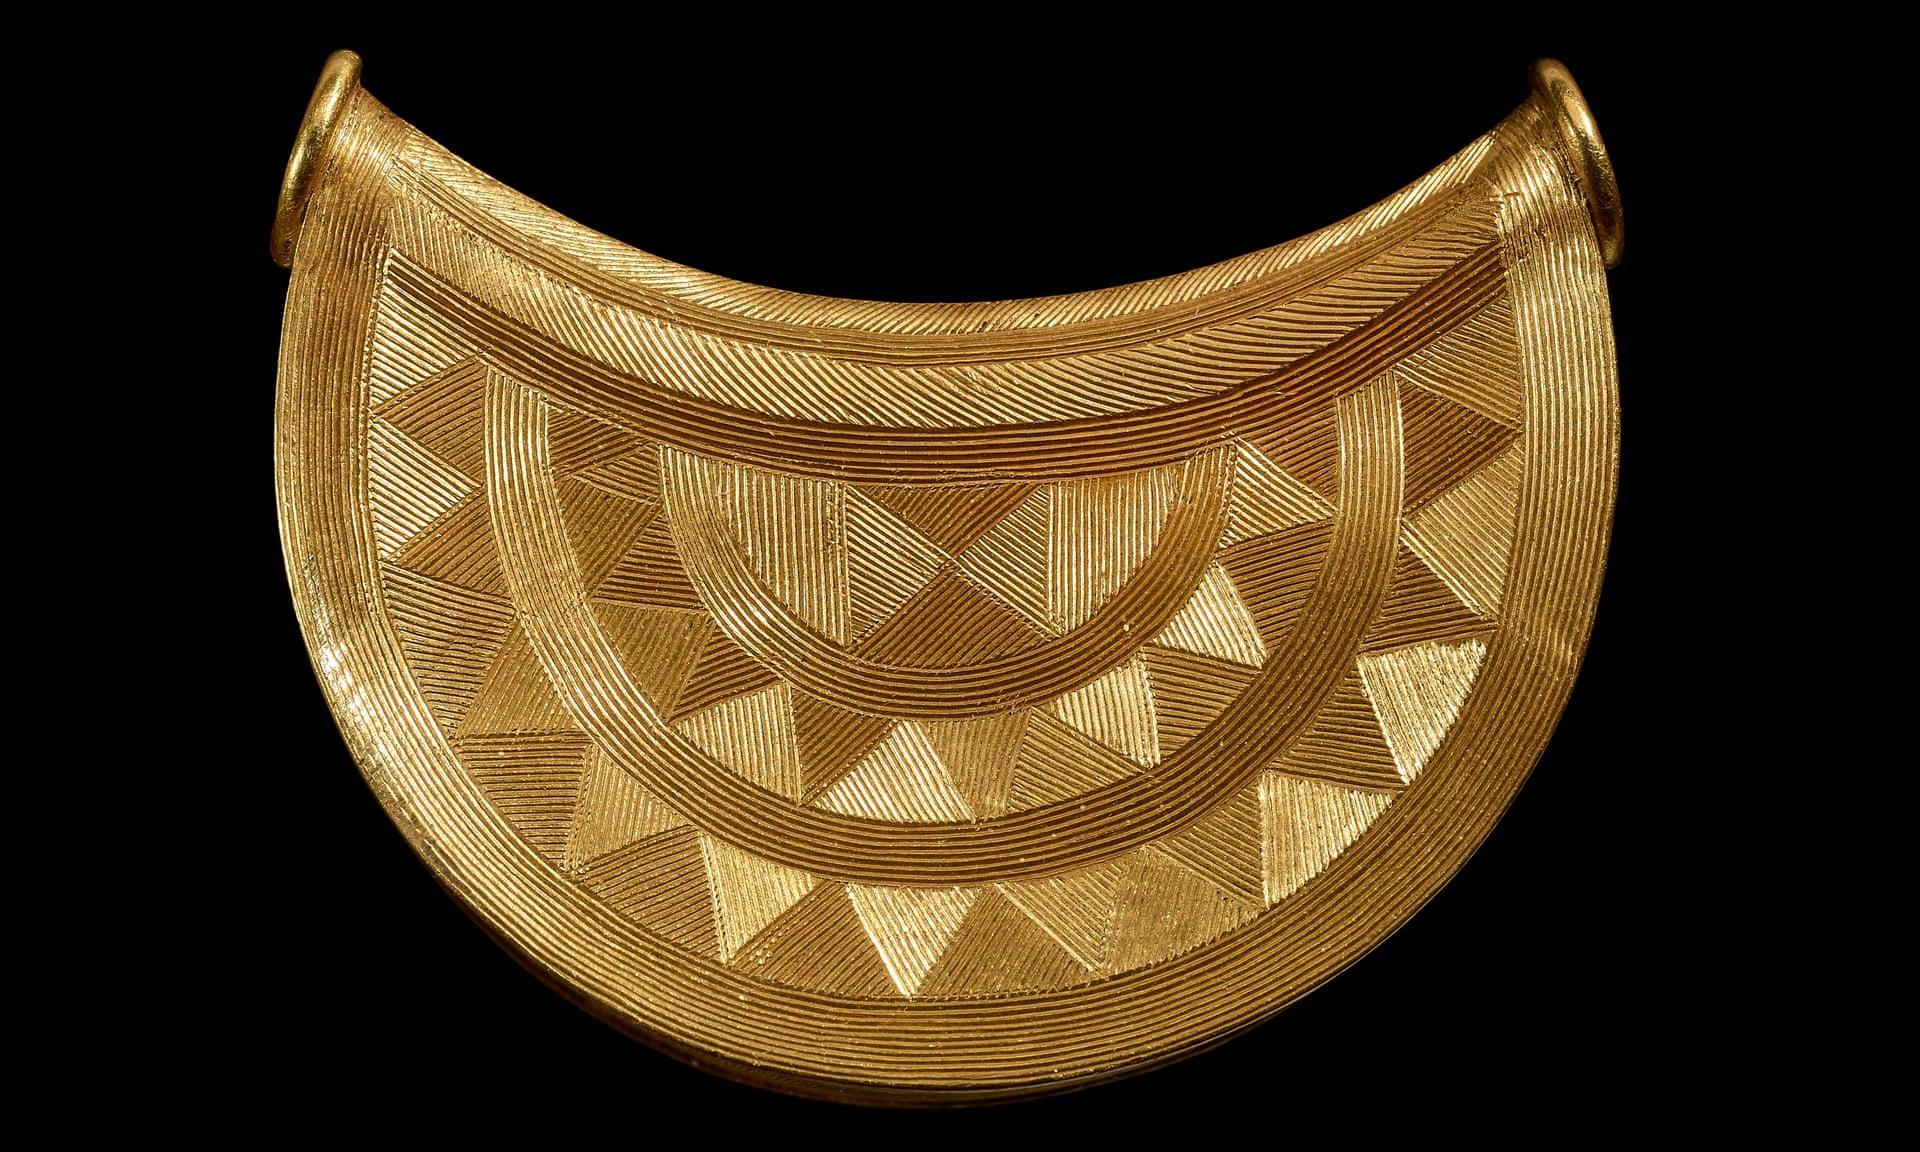 Mặt dây chuyền bằng vàng ròng niên đại 3.000 năm tuổi có giá 7,5 tỷ đồng - 1